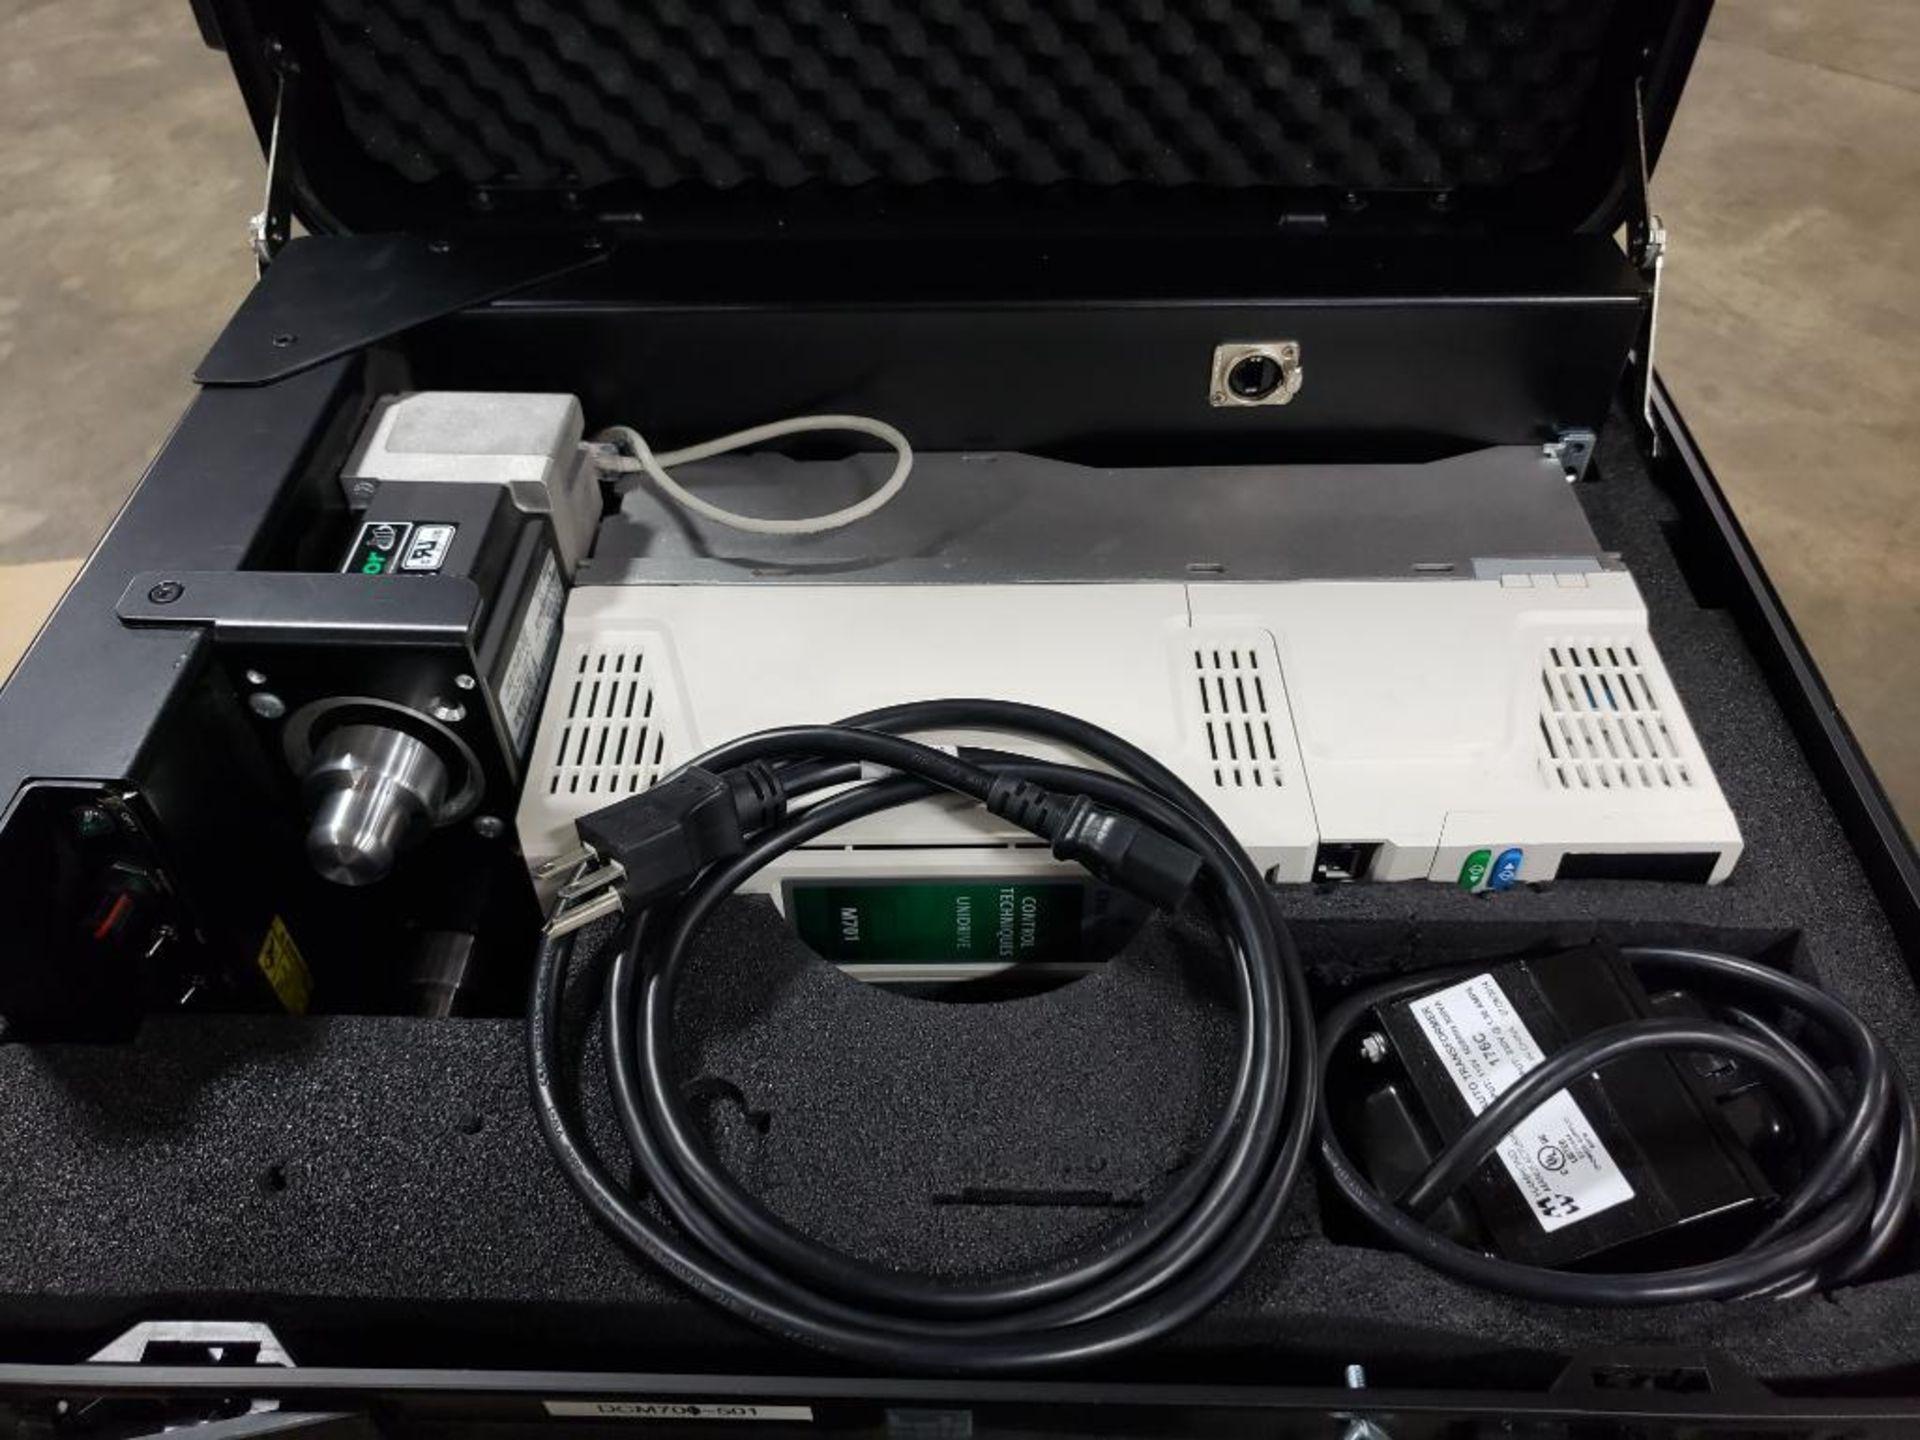 Travel test diagnostic Emerson drive unit. Emerson control Techniques DCM700. Unidrive M701. - Image 3 of 21